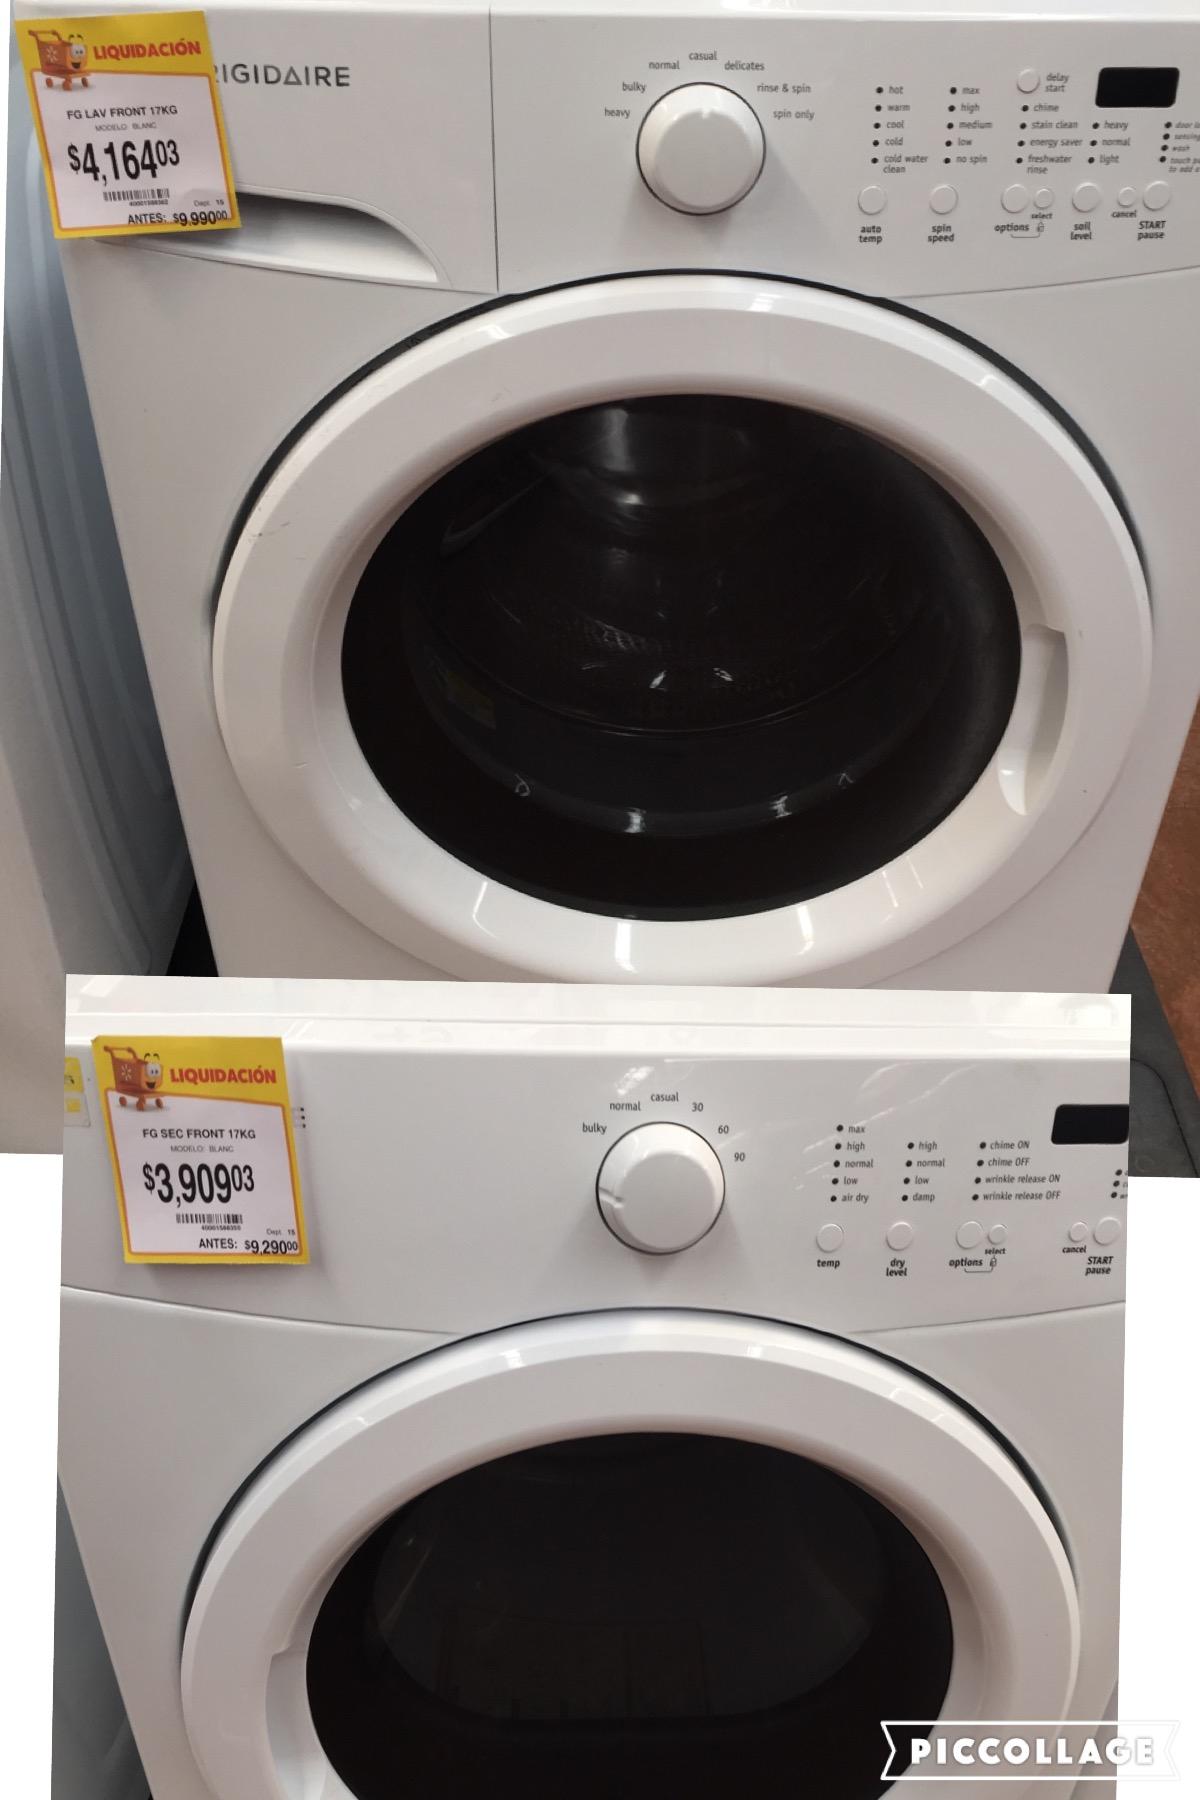 Walmart Cuautla: lavadora 17 kg a $4,164.03 y secadora 17 kg de $9,290 a $3,909.03